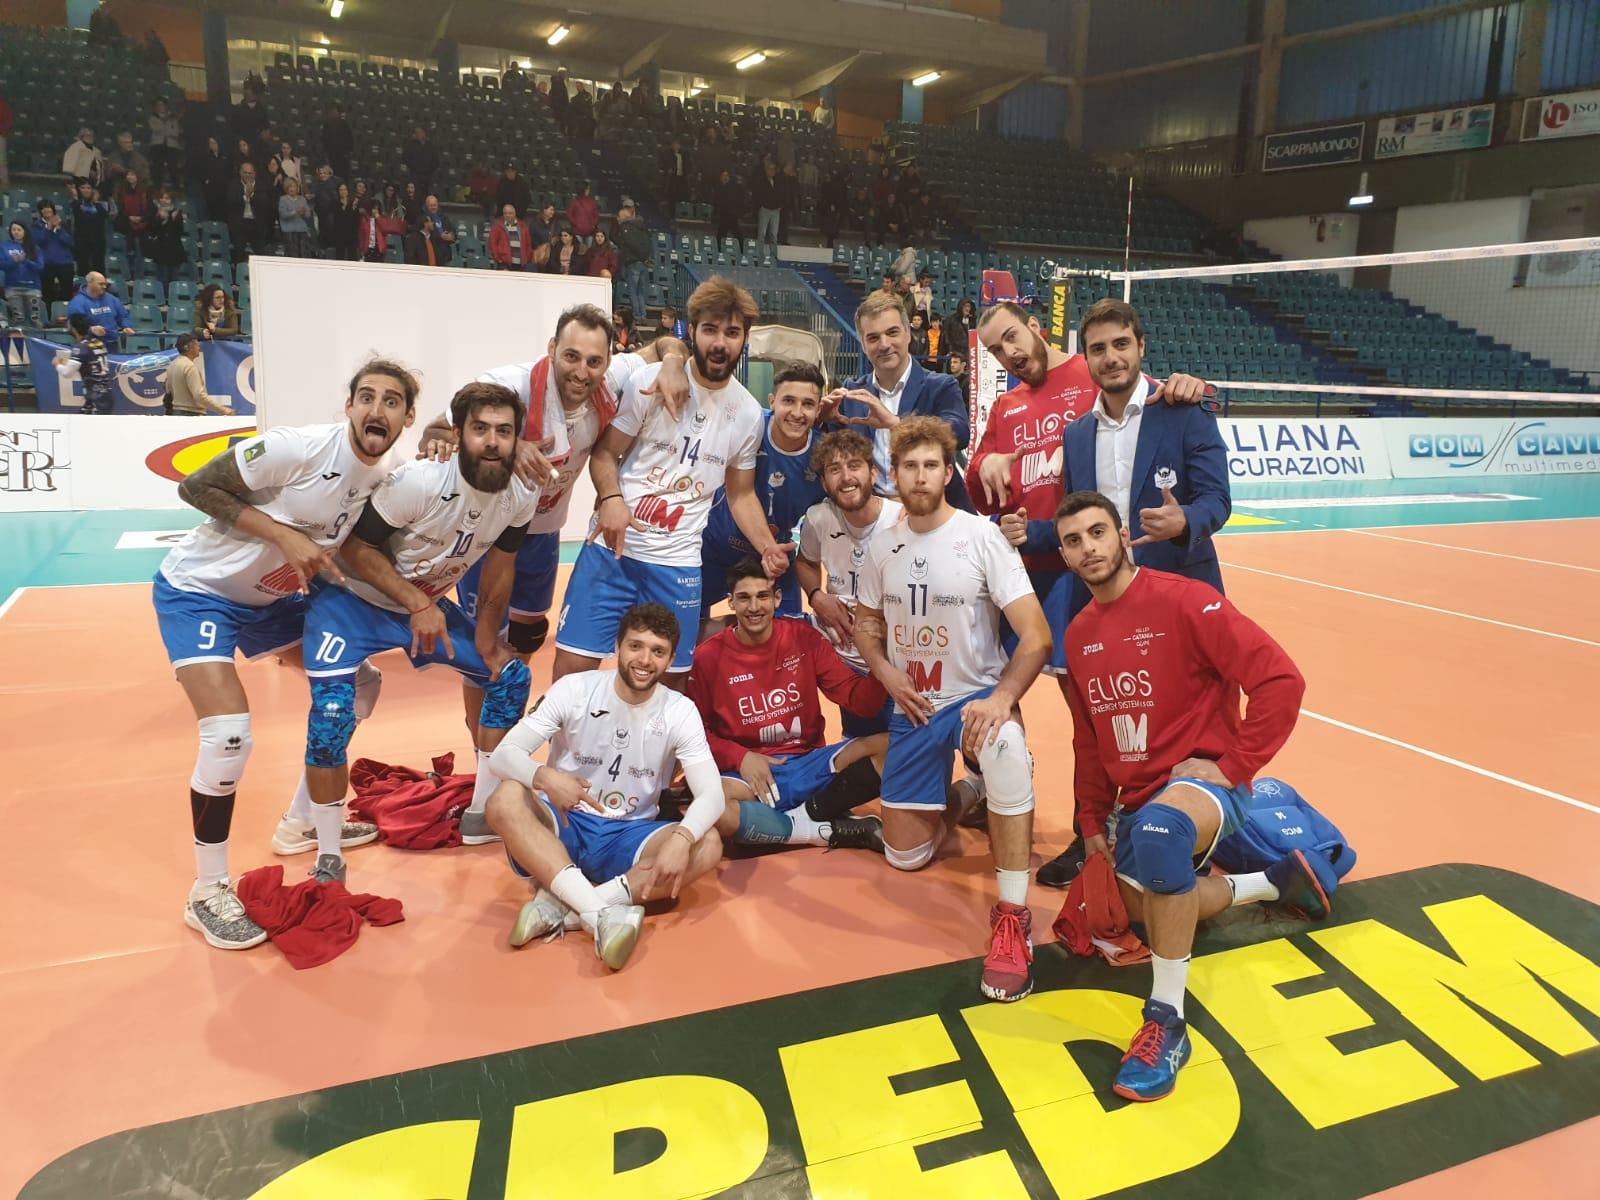 Volley Catania - Vittoria contro Tuscania